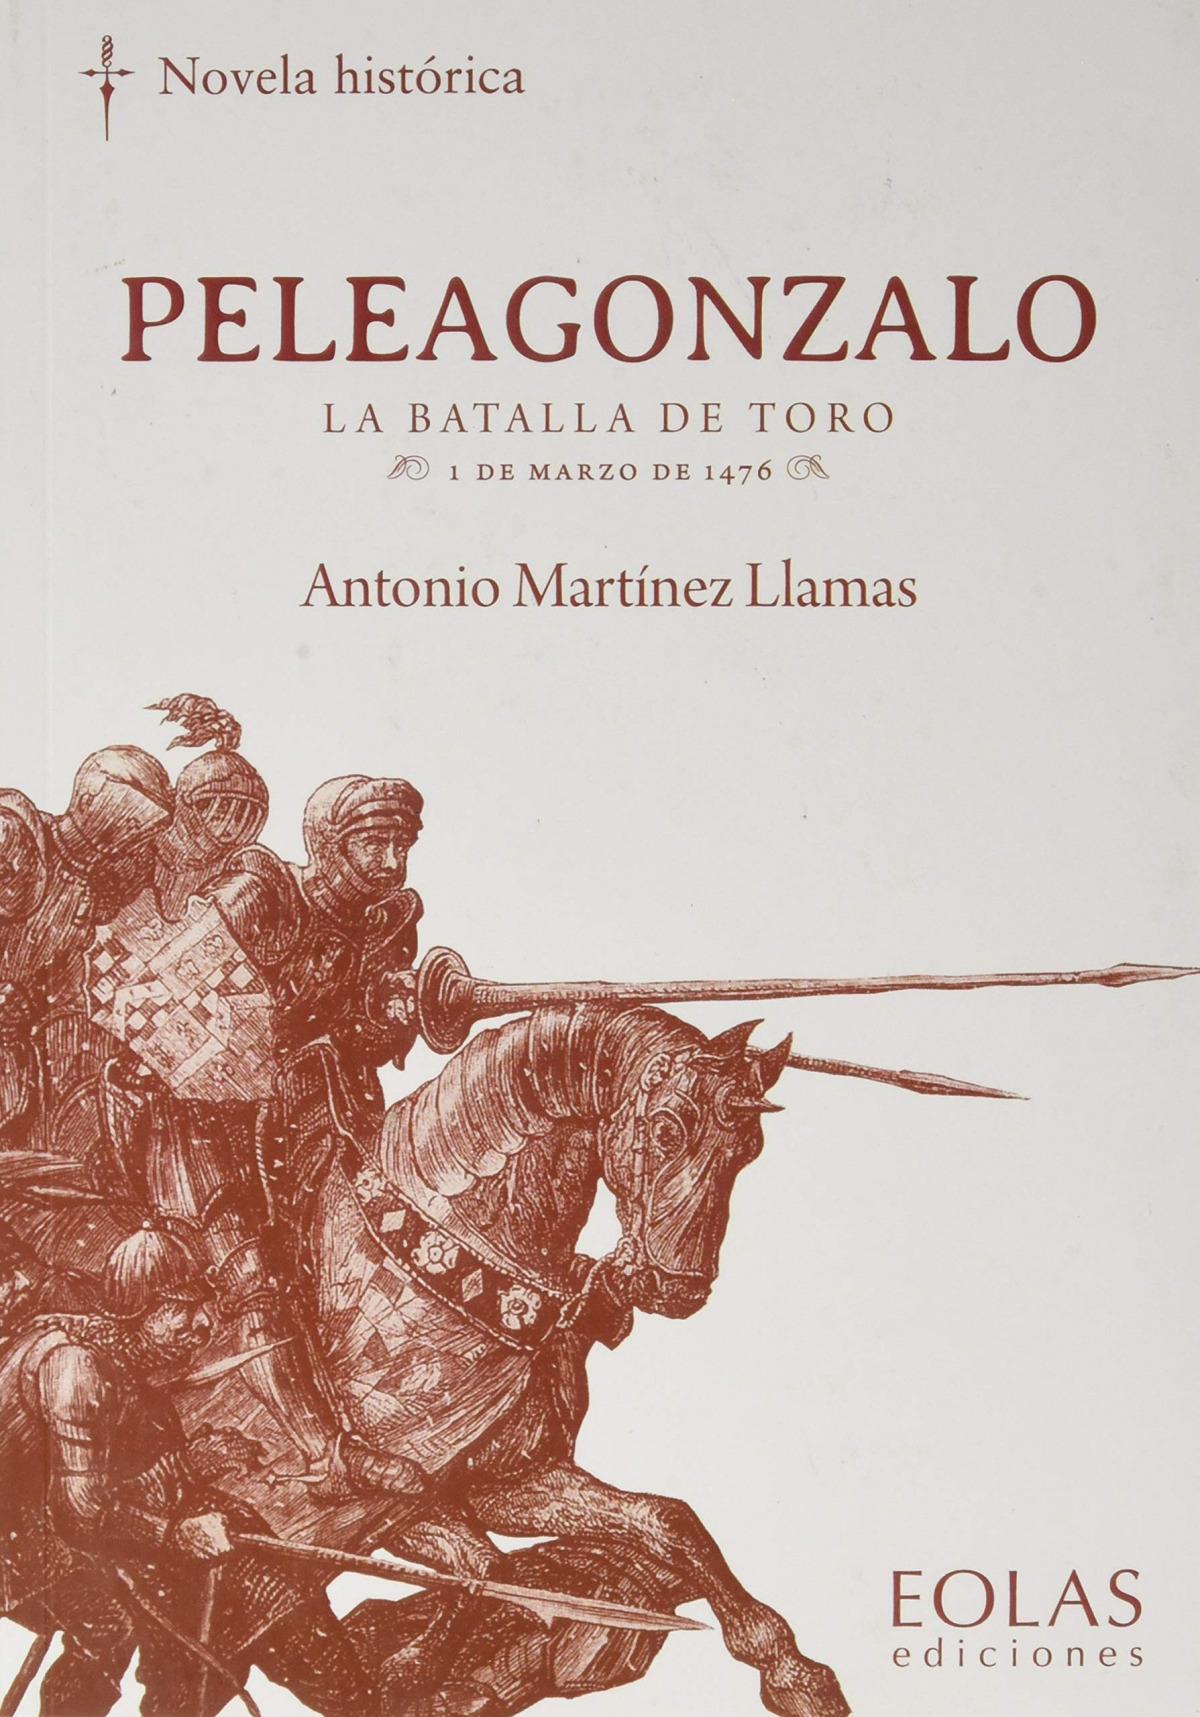 Peleagonzalo 9788418079580